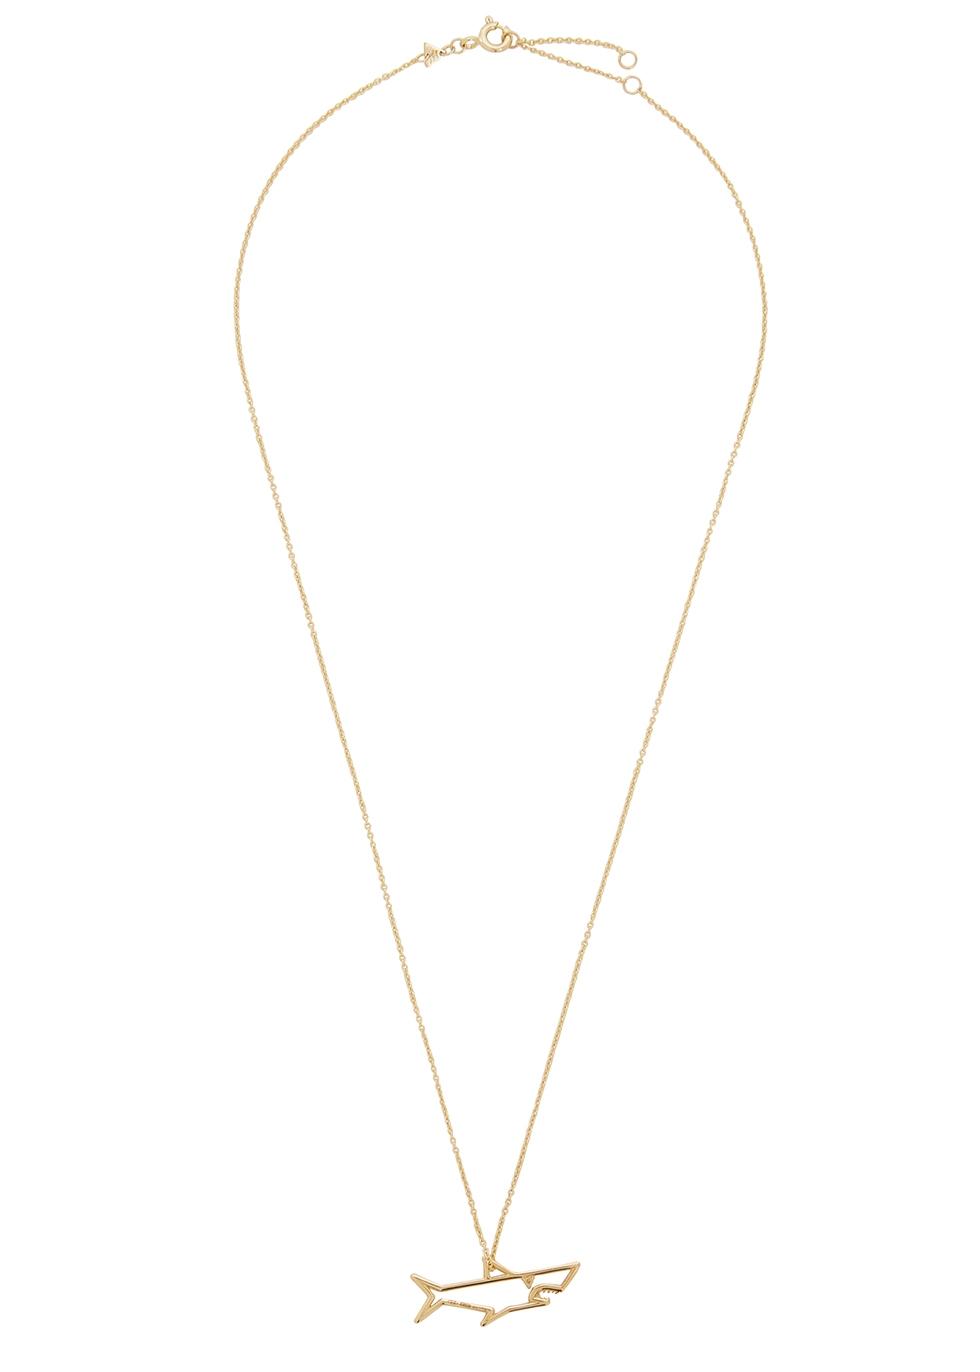 Tiburón Brillante 9kt gold necklace